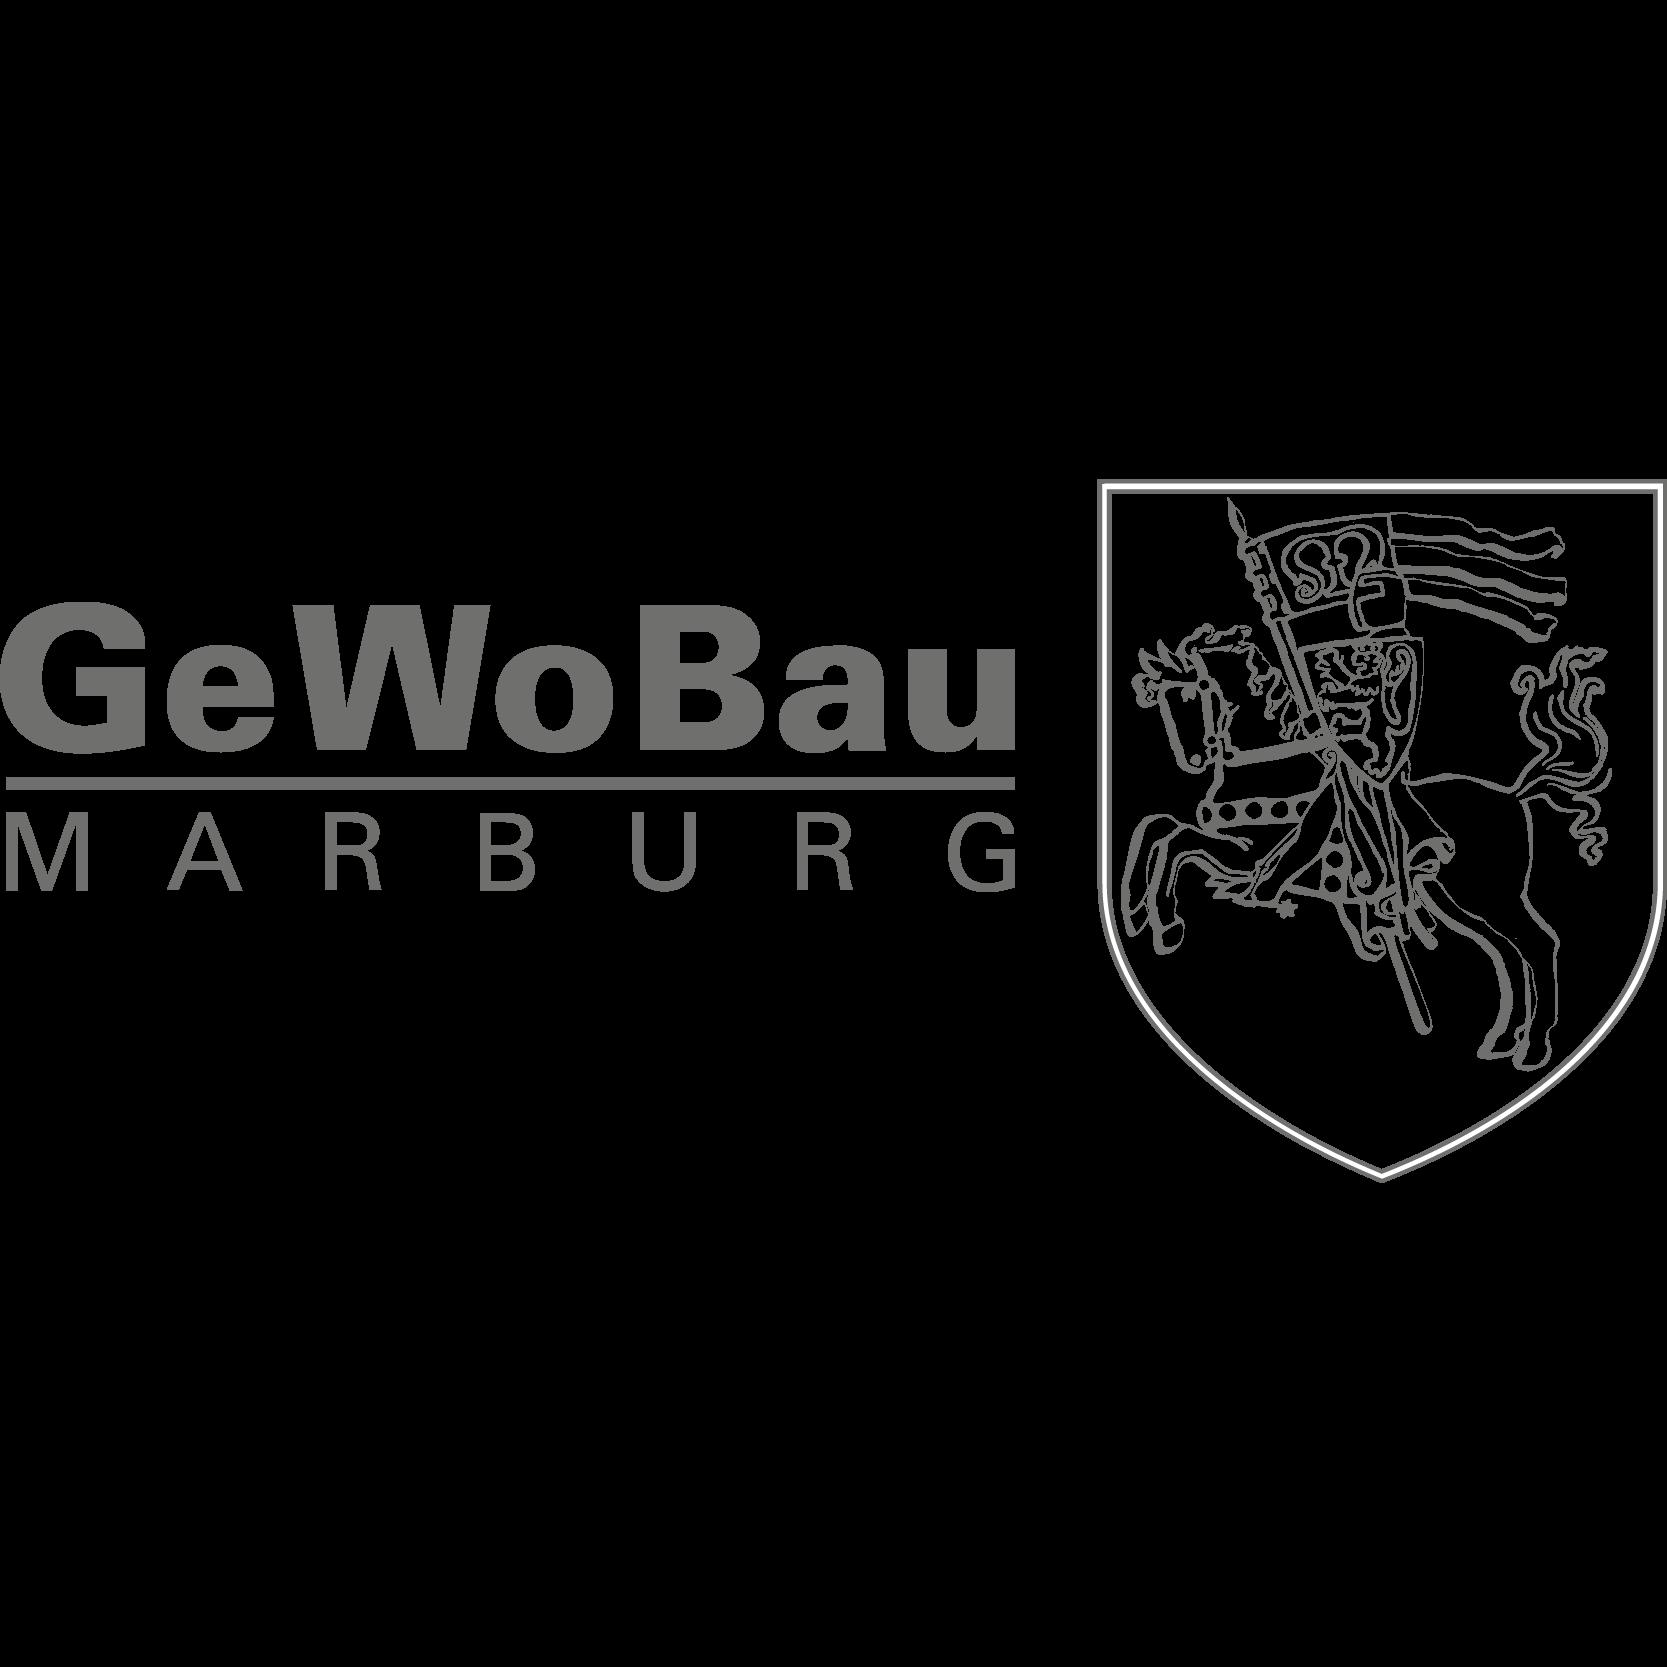 GeWoBau - Gemeinnützige Wohnungsbau GmbH Marburg/Lahn